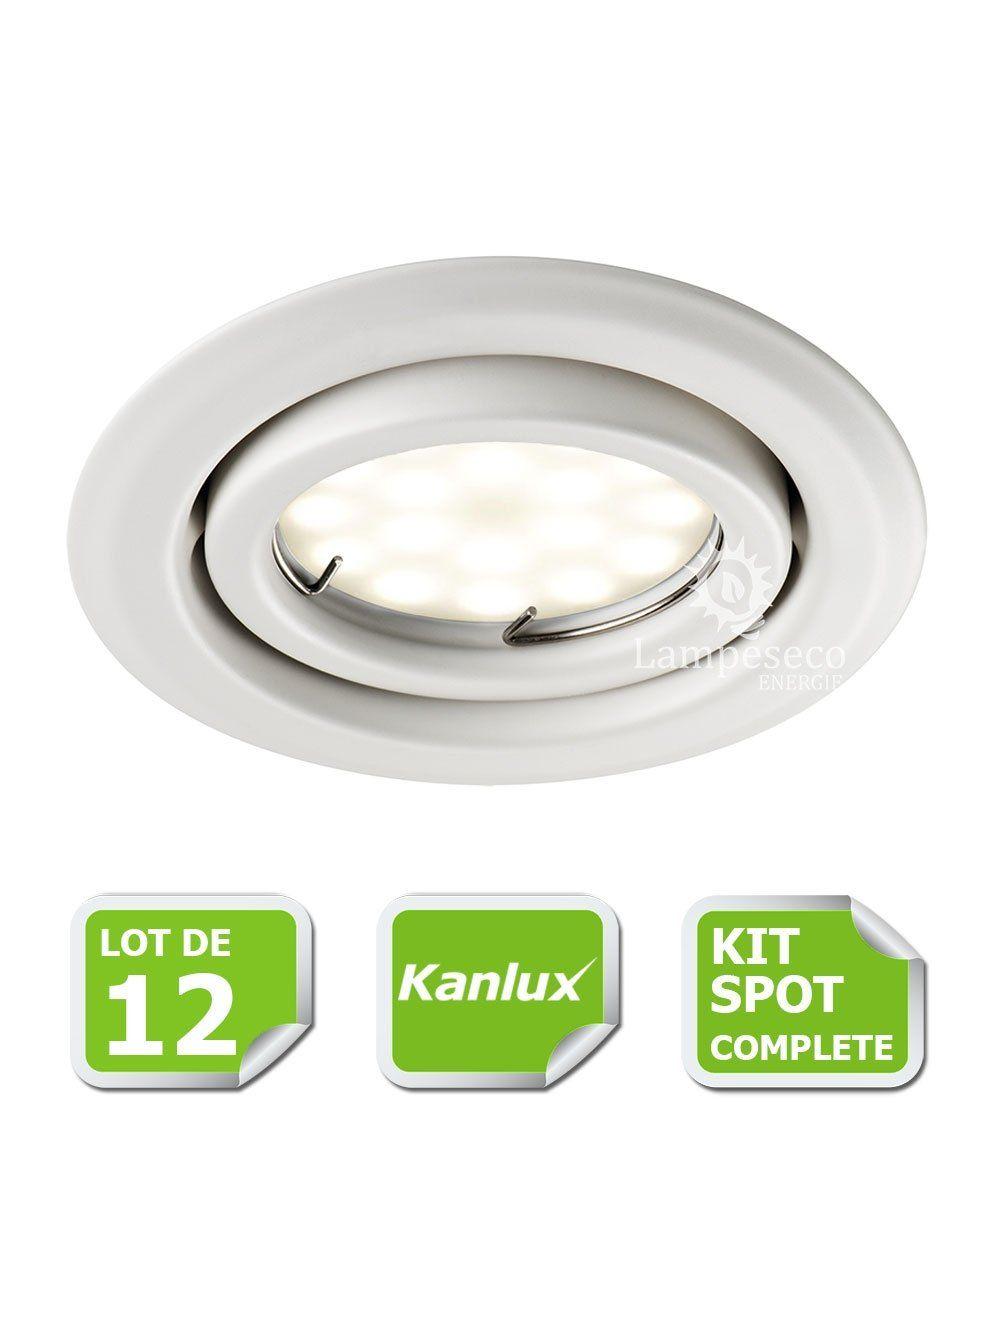 kit complete de 12 spots encastrable blanc orientable marque kanlux avec gu10 led 5w blanc chaud